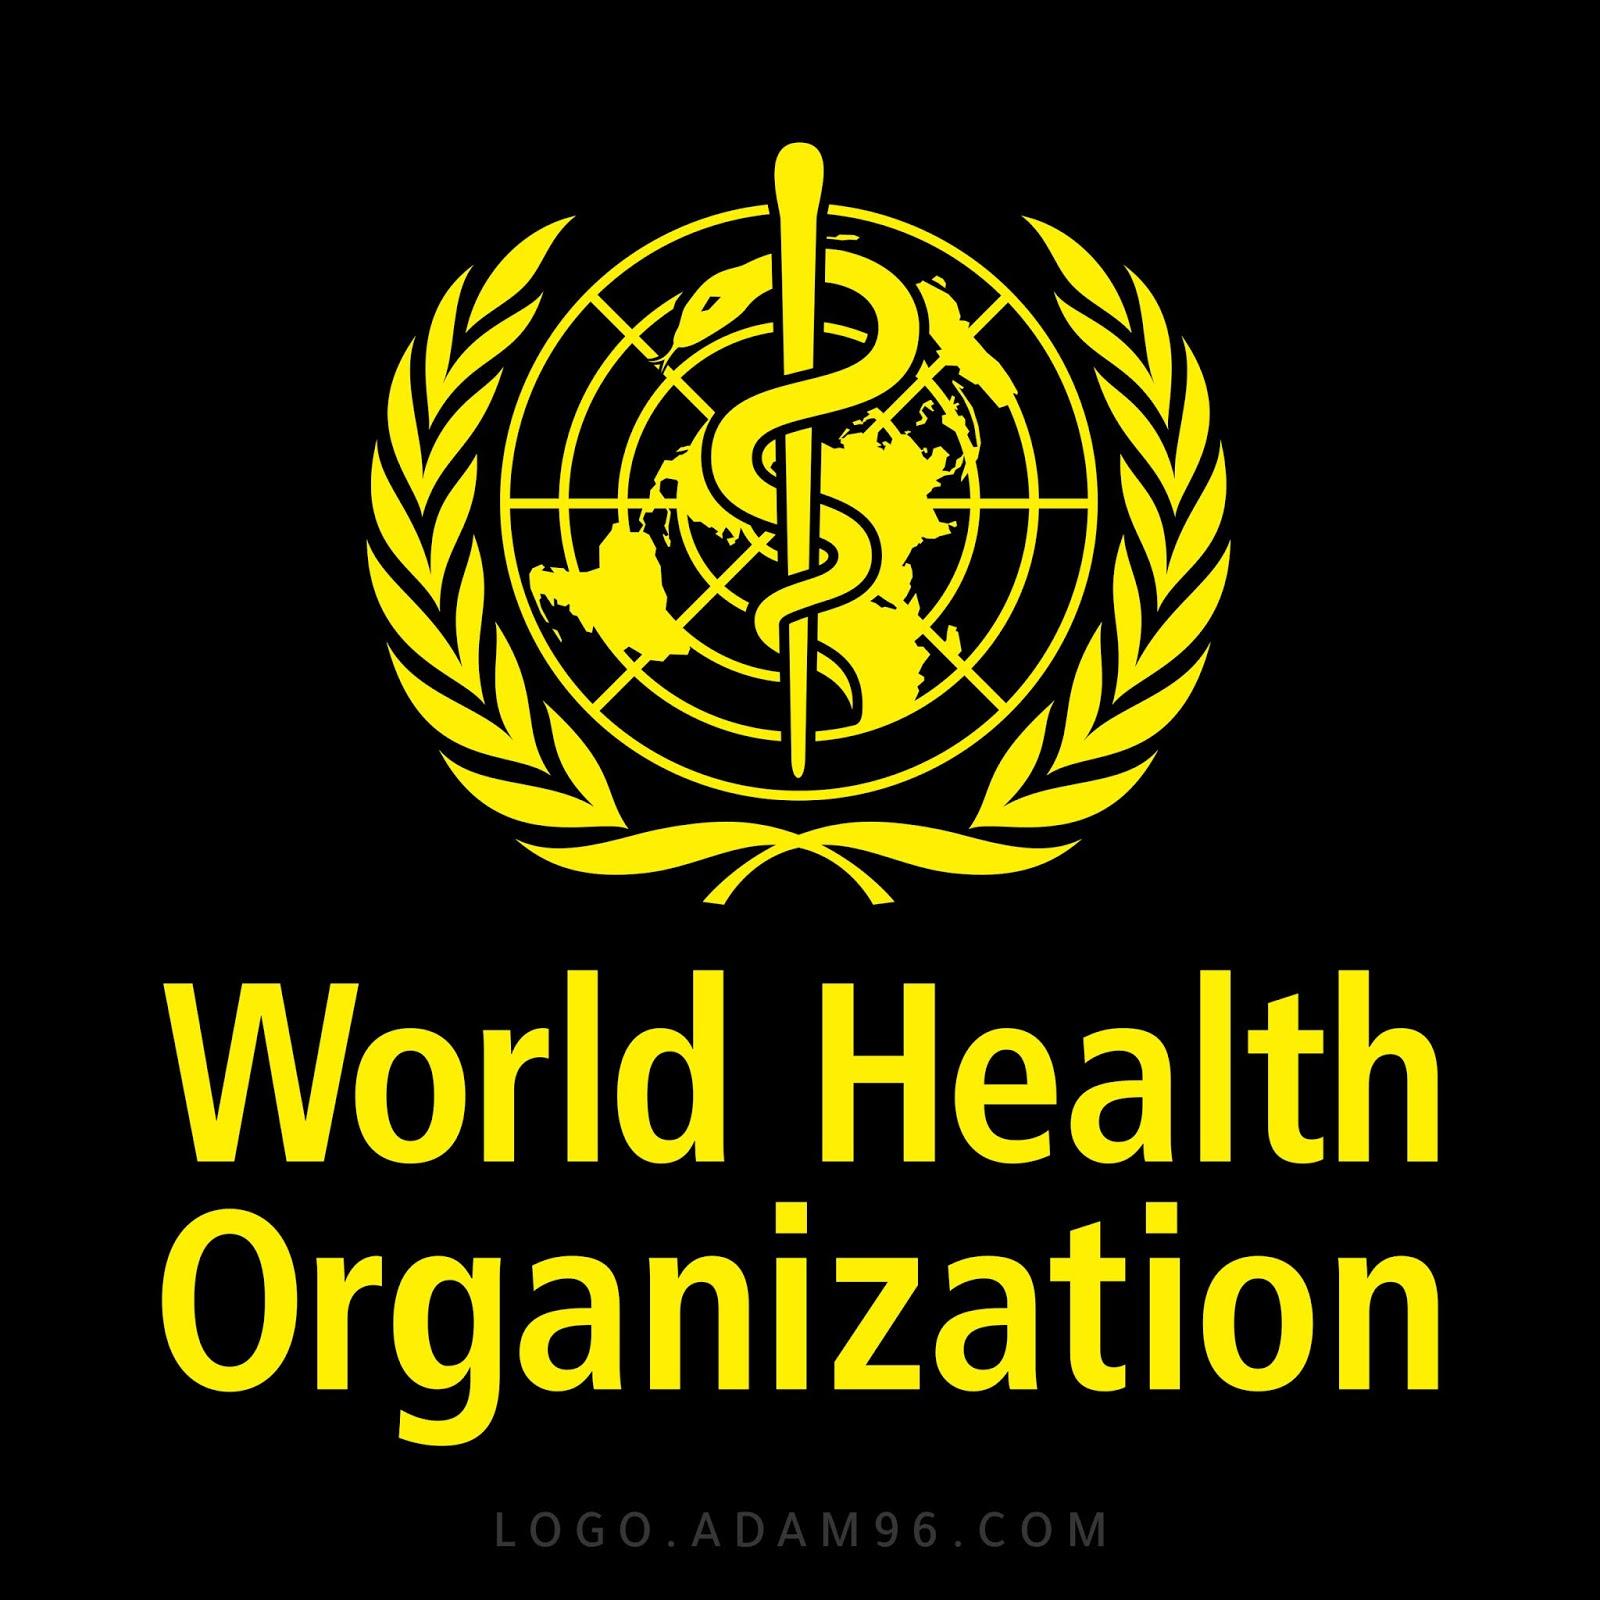 تحميل شعار منظمة الصحة العالمية بجودة عالية Logo World Health Organization Png